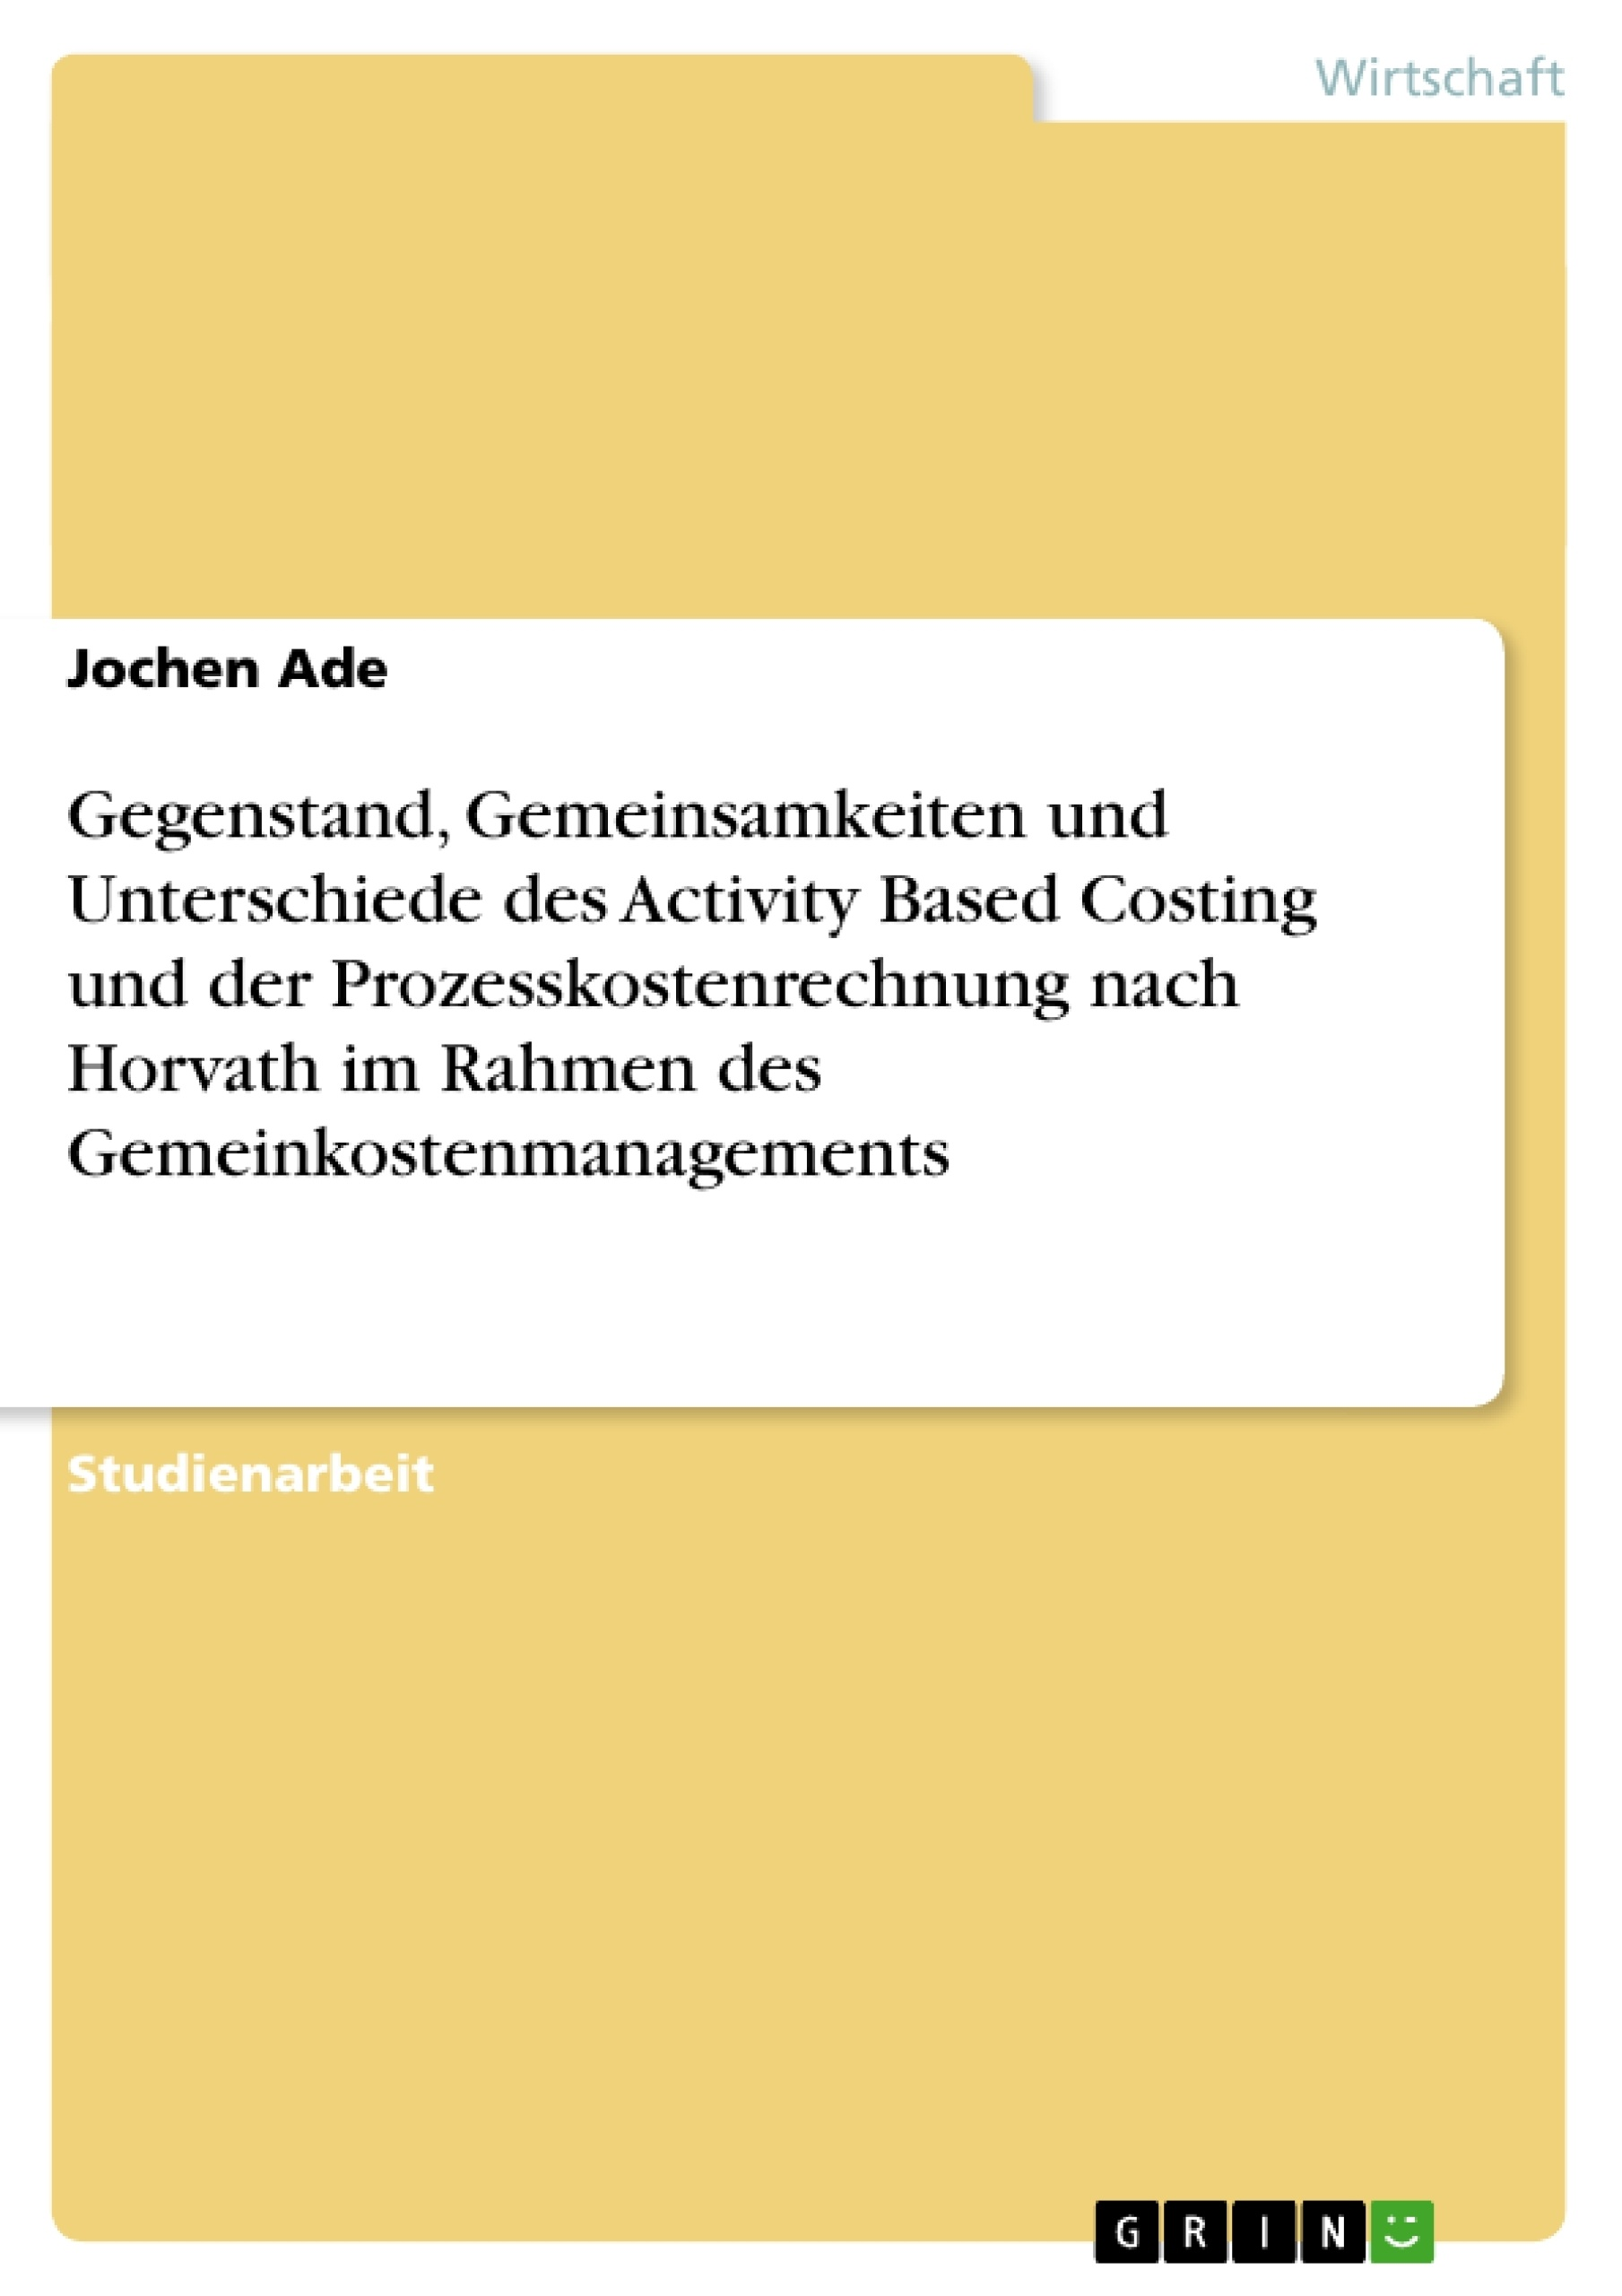 Titel: Gegenstand, Gemeinsamkeiten und Unterschiede des Activity Based Costing und der Prozesskostenrechnung nach Horvath im Rahmen des Gemeinkostenmanagements